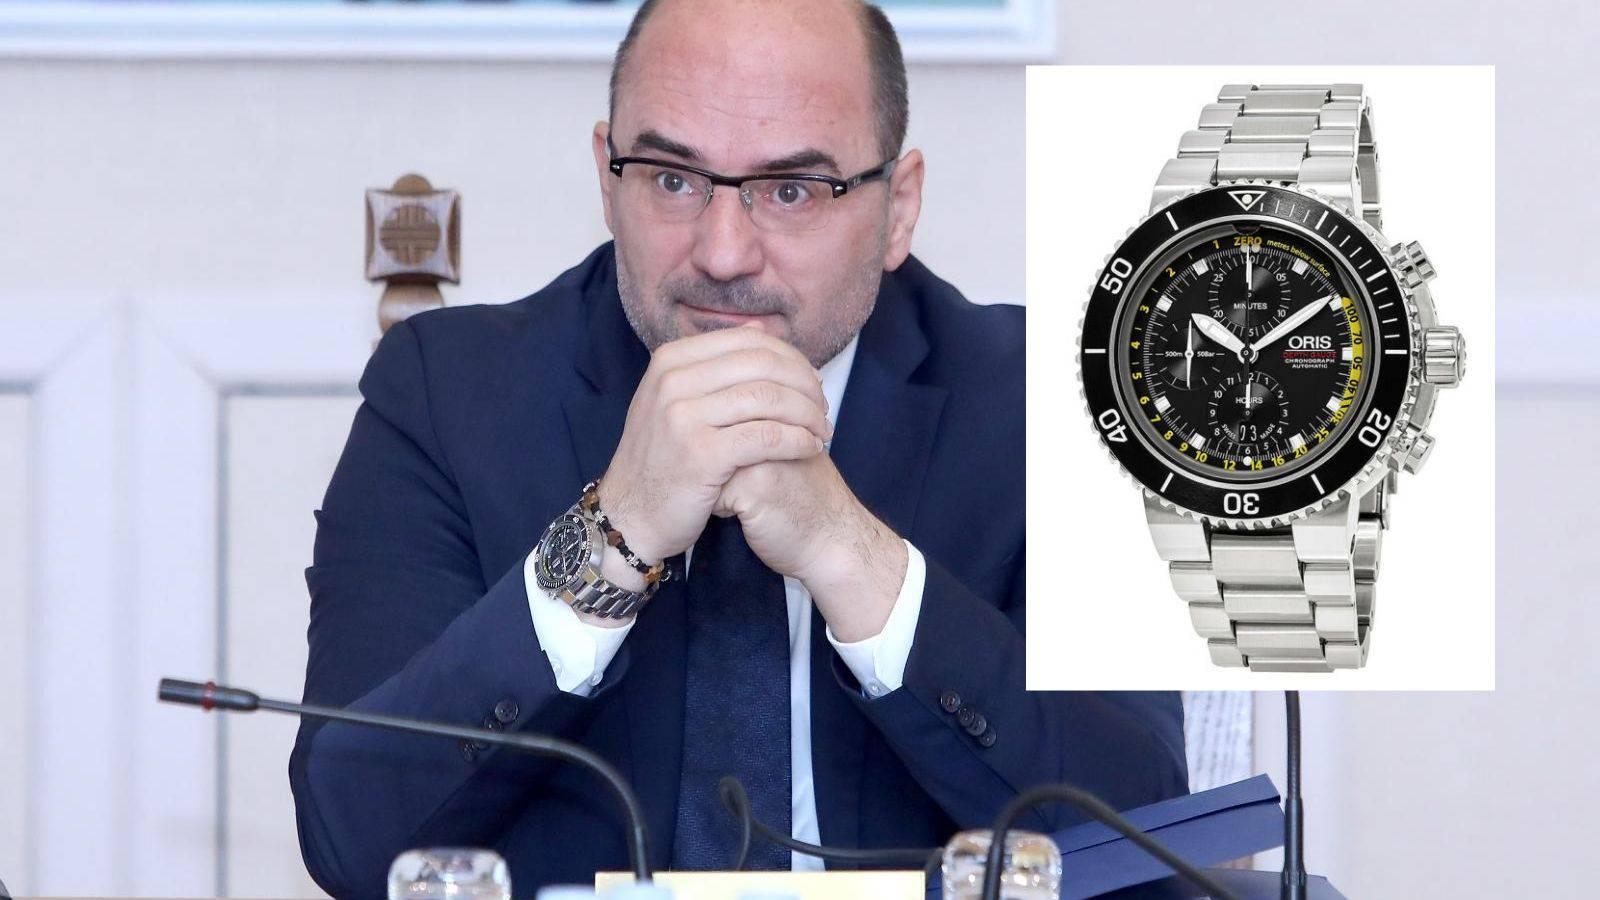 Brkićev novi sat od 35.000 kn: 'Dobio sam ga od svoje obitelji'